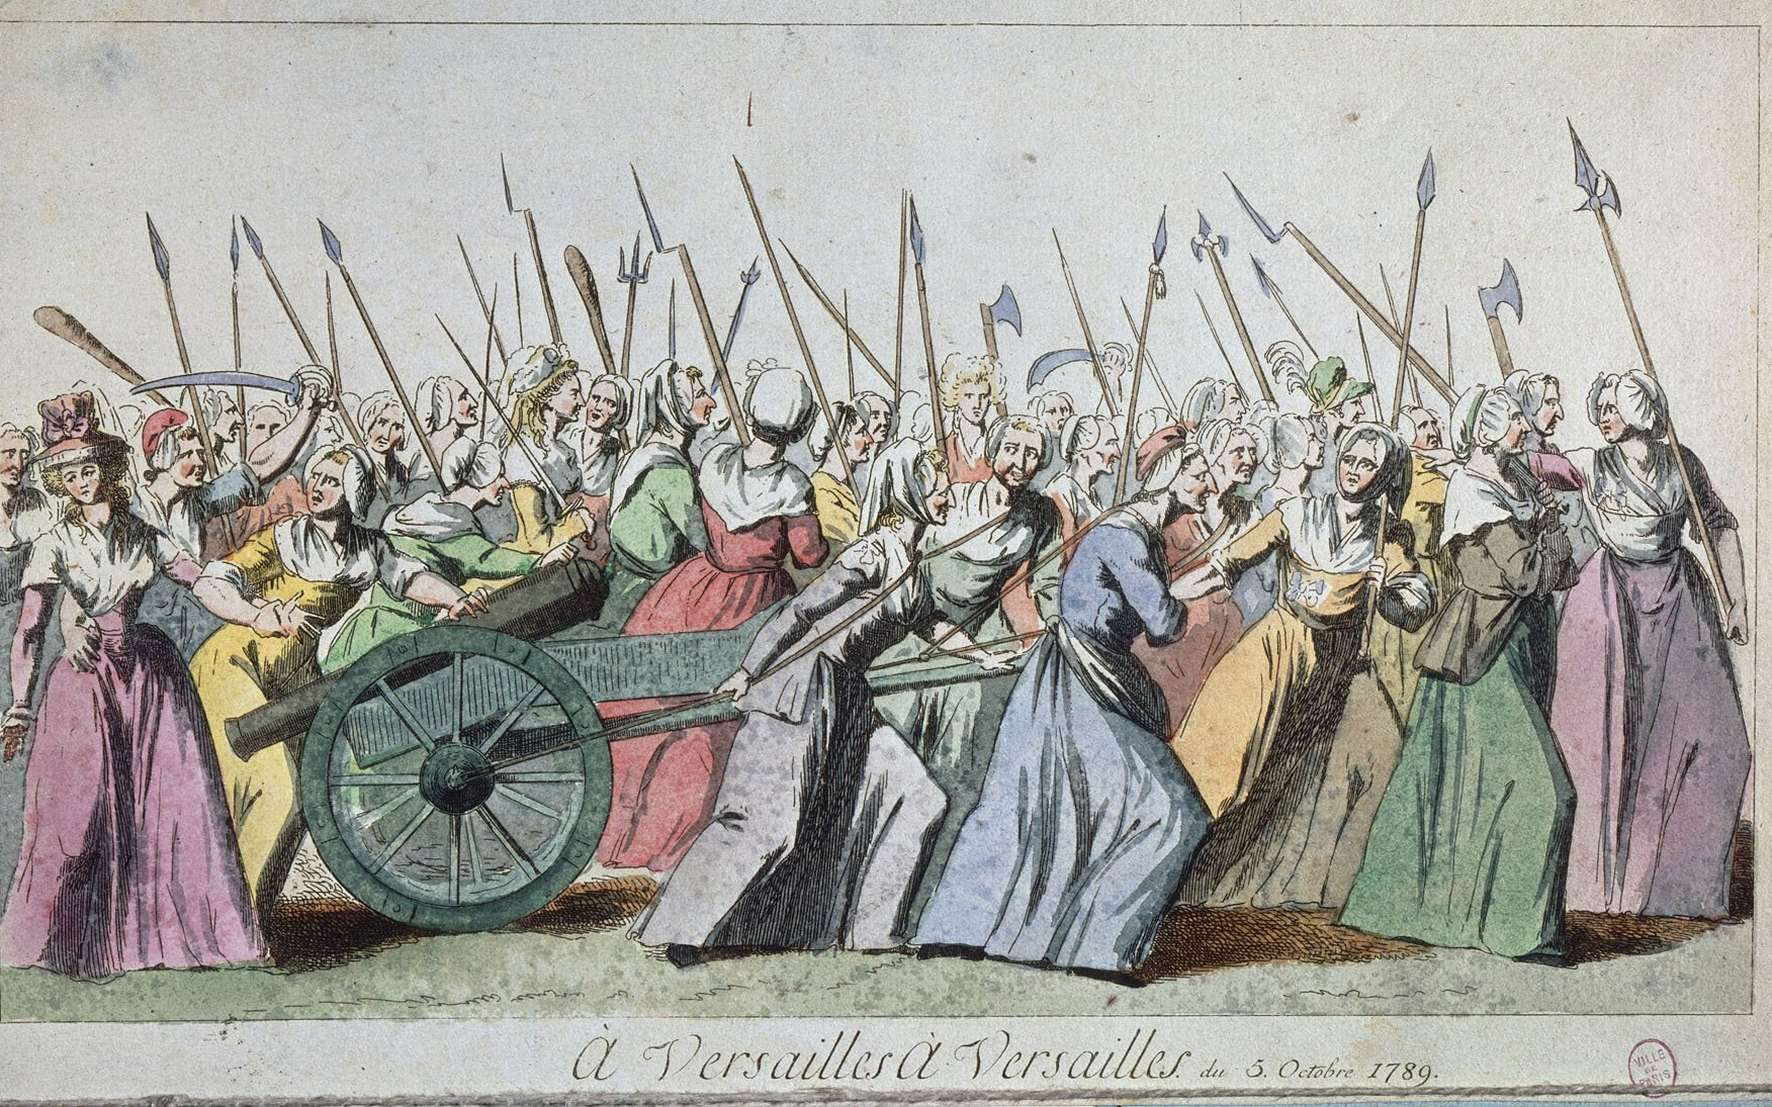 La marche des femmes sur Versailles (5-6 octobre 1789). © Wikimedia Commons, Public Domain